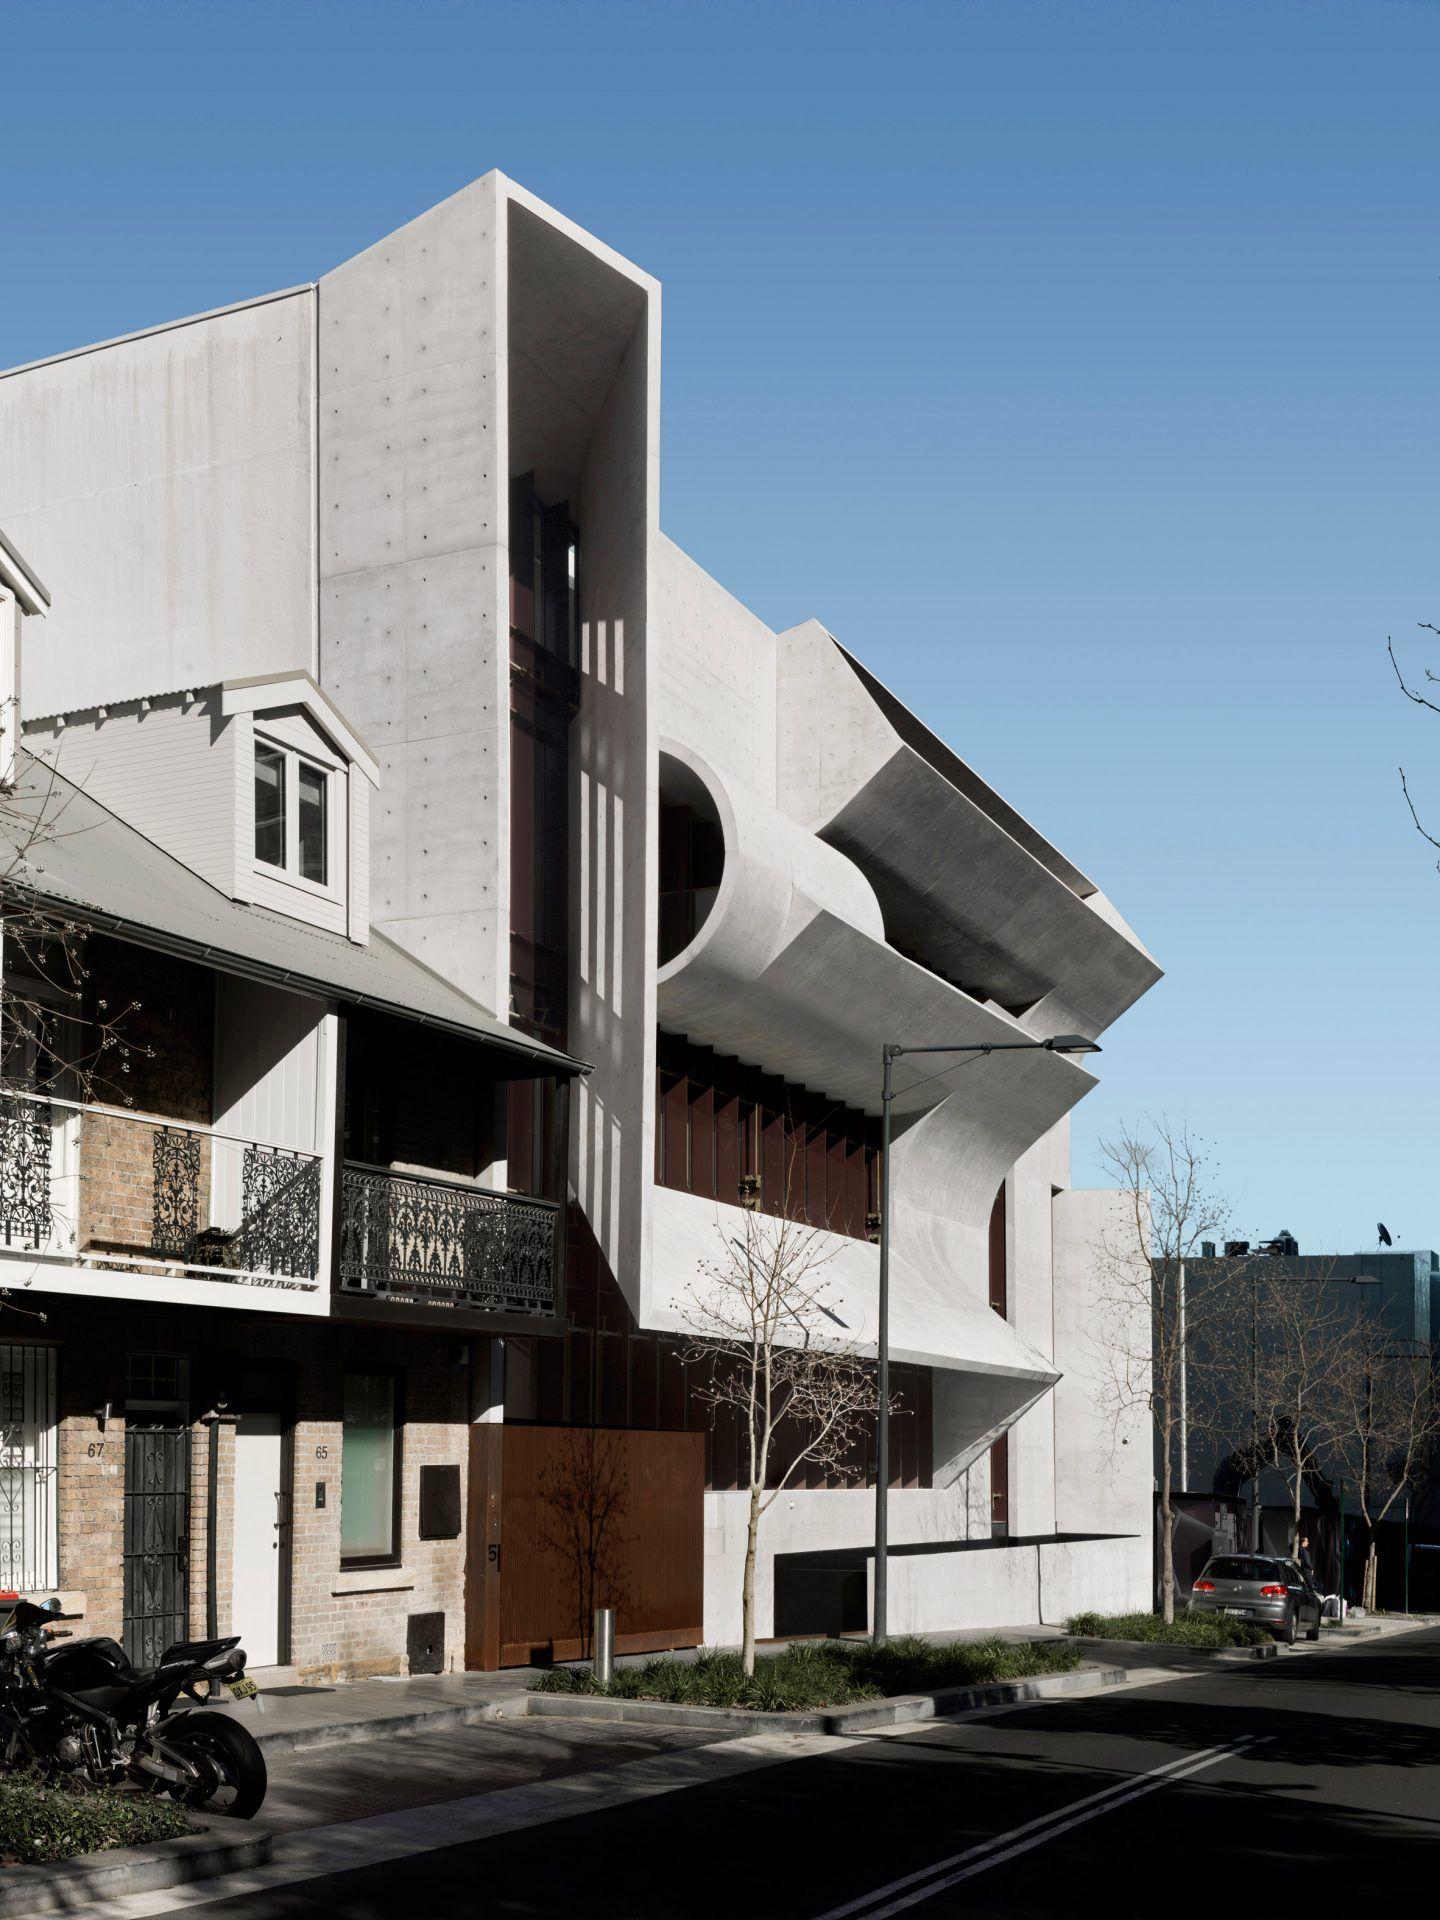 IGNANT-Architecture-Smart-Design-Studio-Indigo-Slam-003